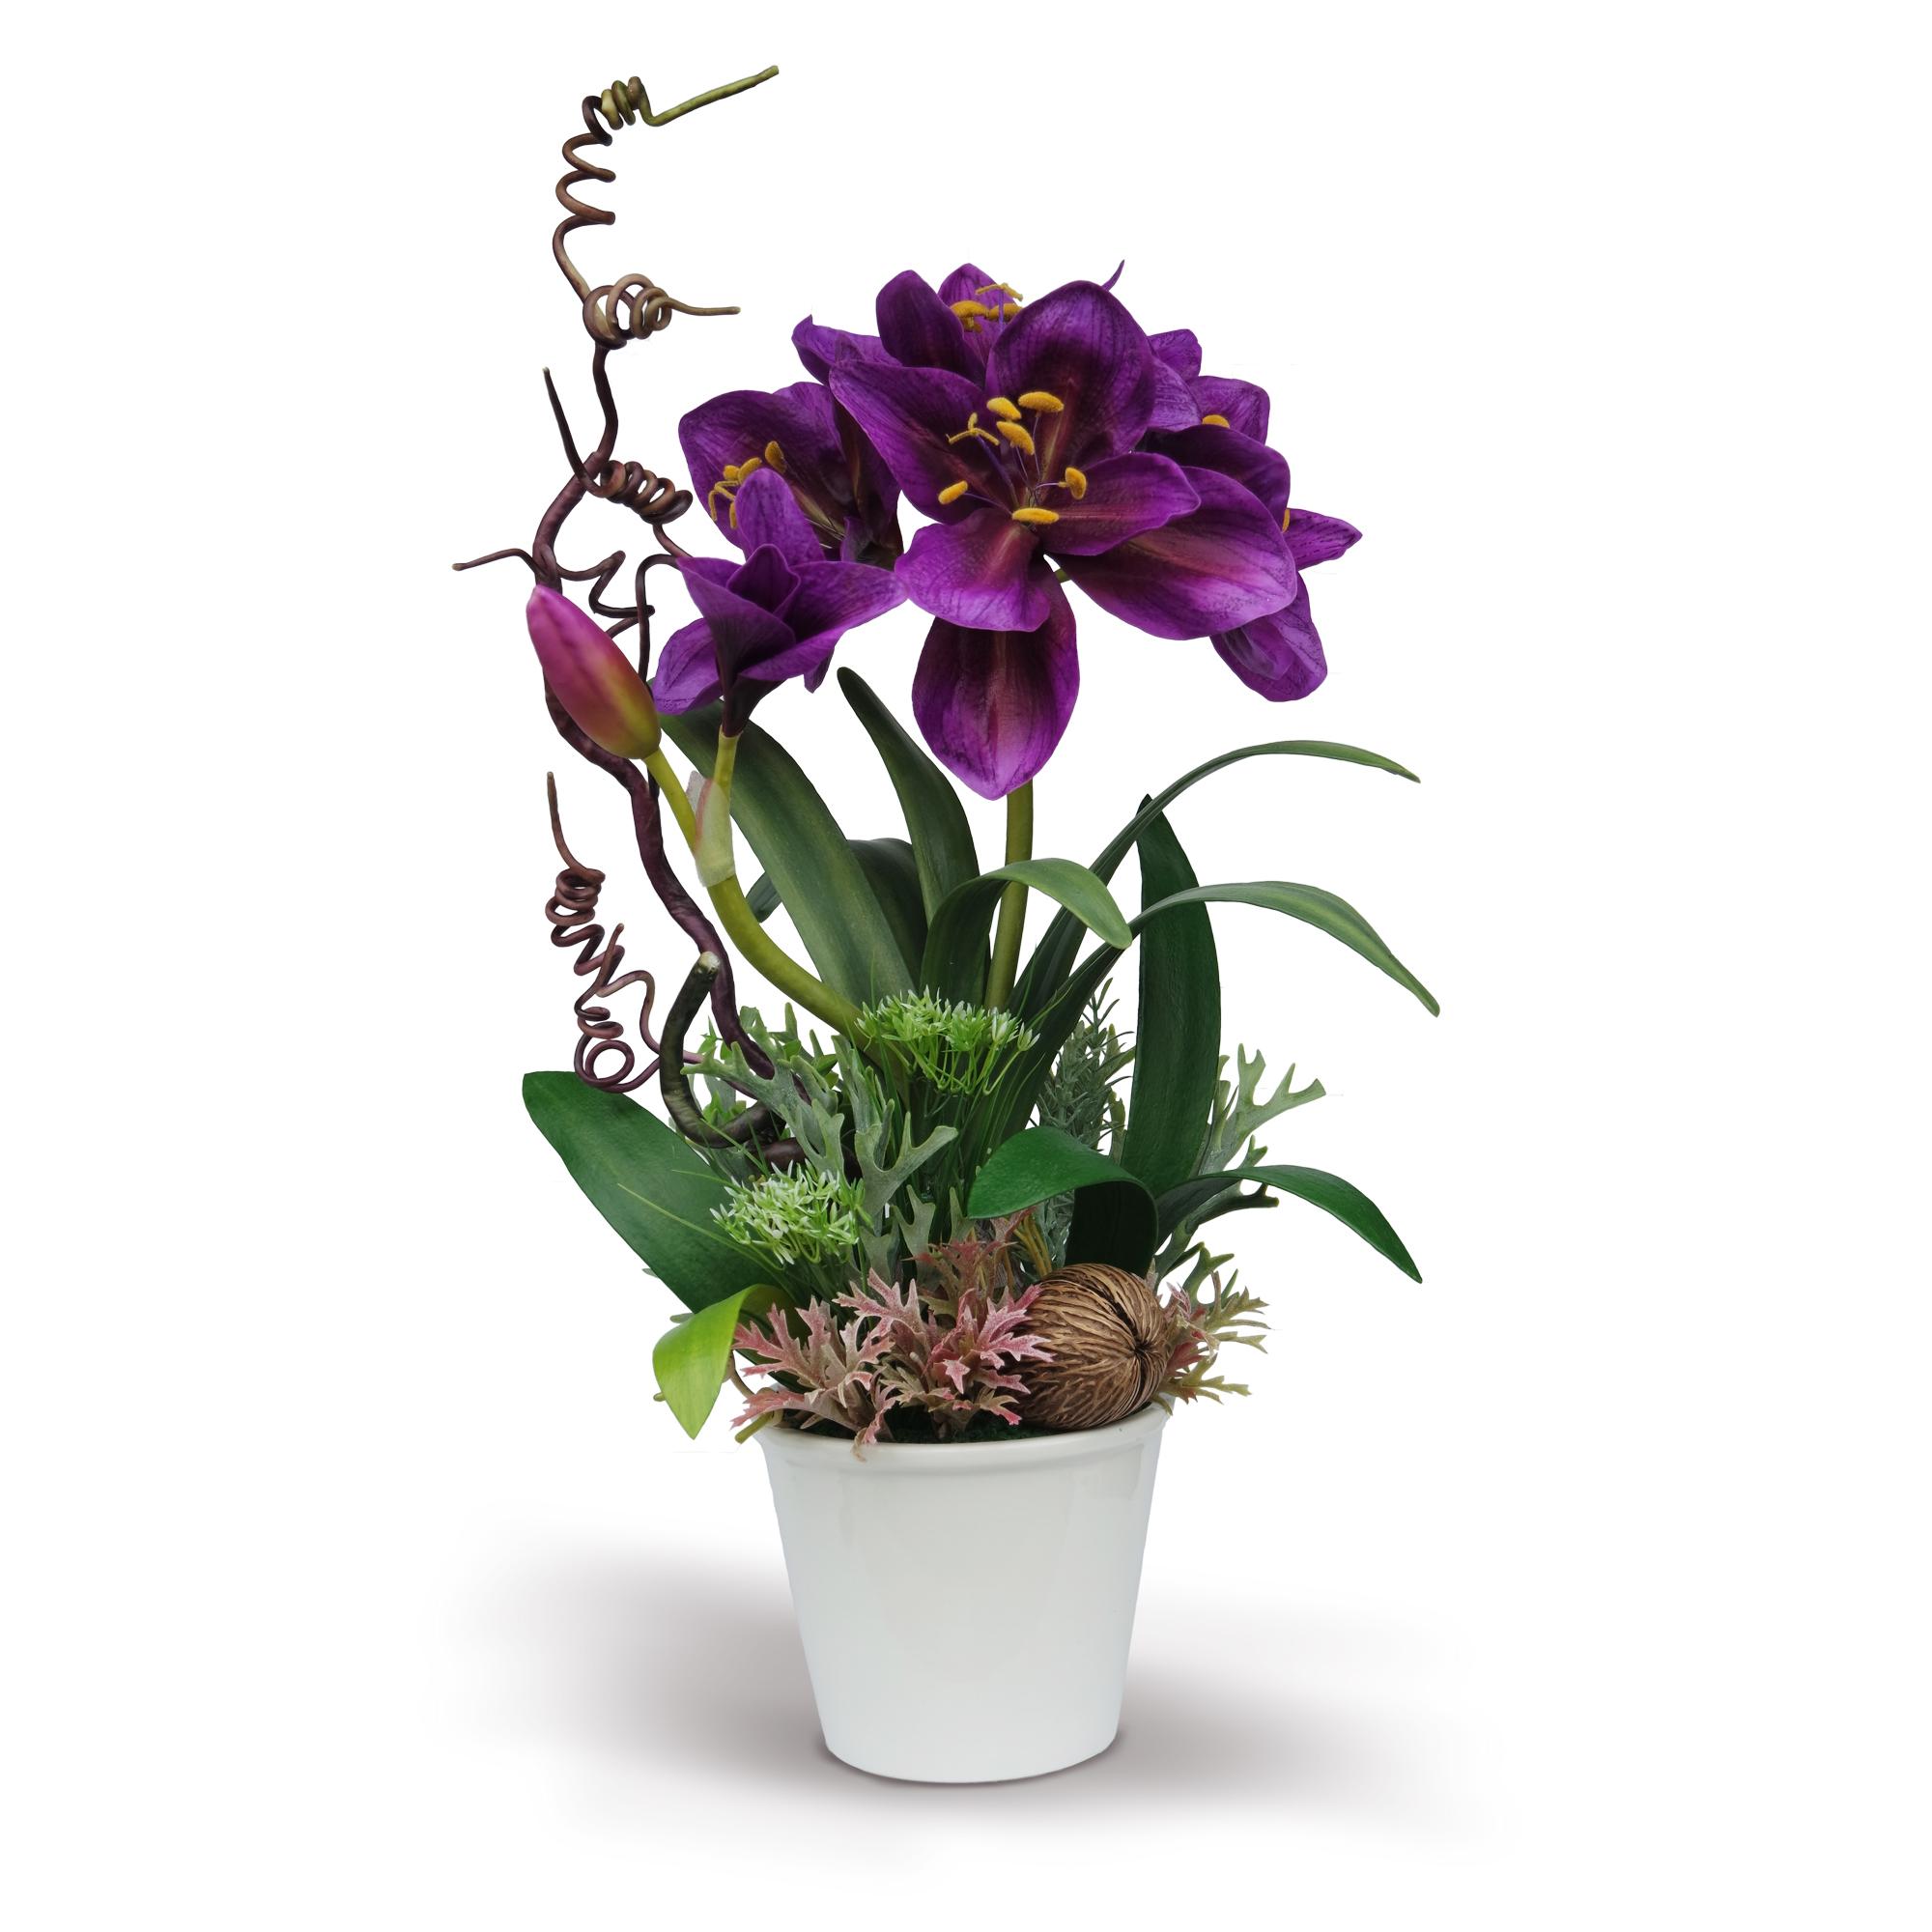 แจกันดอกไม้ประดิษฐ์เหมือนดอกไม้จริงมาก ว่านสี่ทิศ Amaryllis สีม่วงเข้ม